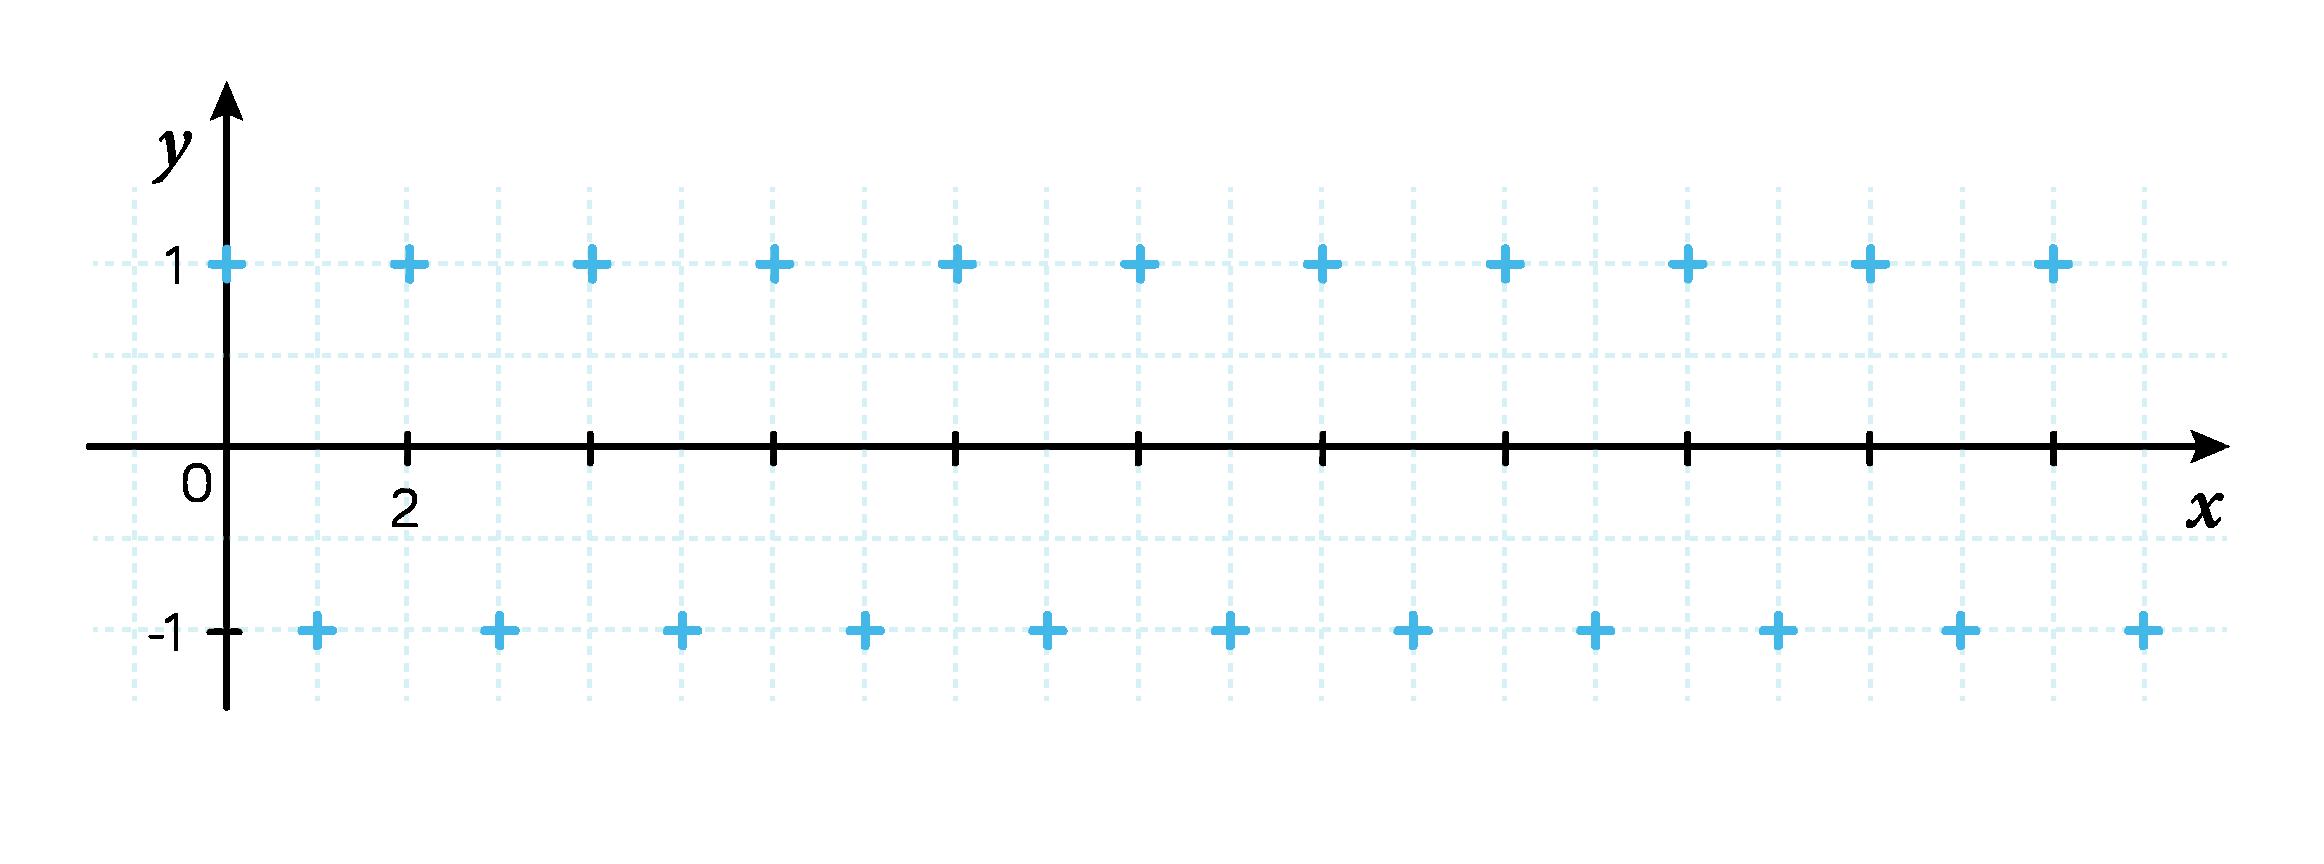 La suite w diverge (puisqu'elle ne converge pas) mais n'admet pas de limite